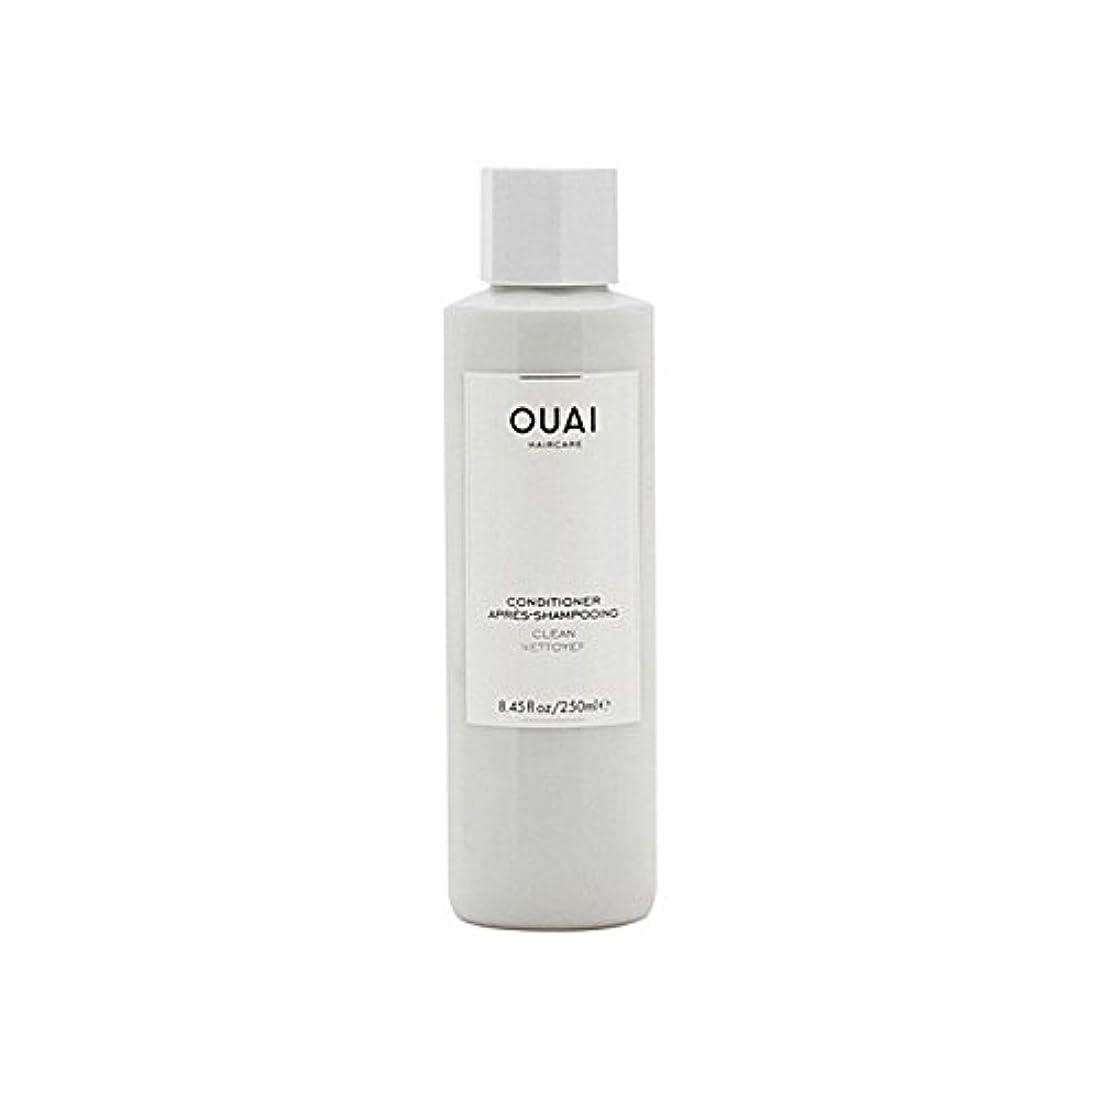 クリーンコンディショナー300ミリリットル x2 - Ouai Clean Conditioner 300ml (Pack of 2) [並行輸入品]